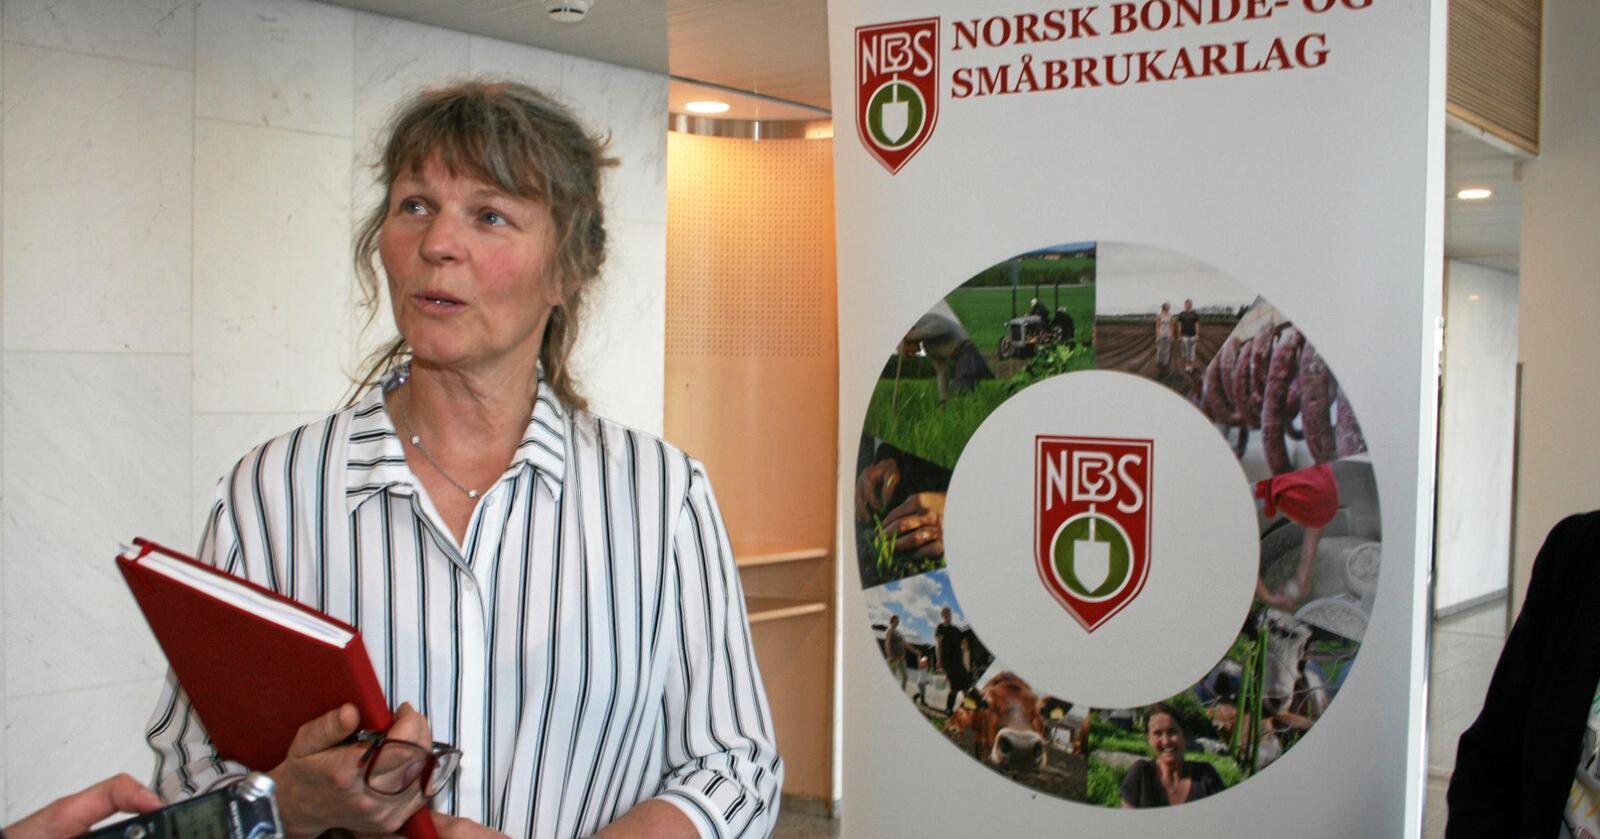 Kjersti Hoff og resten av Småbrukarlaget er skeptisk til forslaget om dobbel mottaksplikt. Foto: Bjarne Bekkeheien Aase